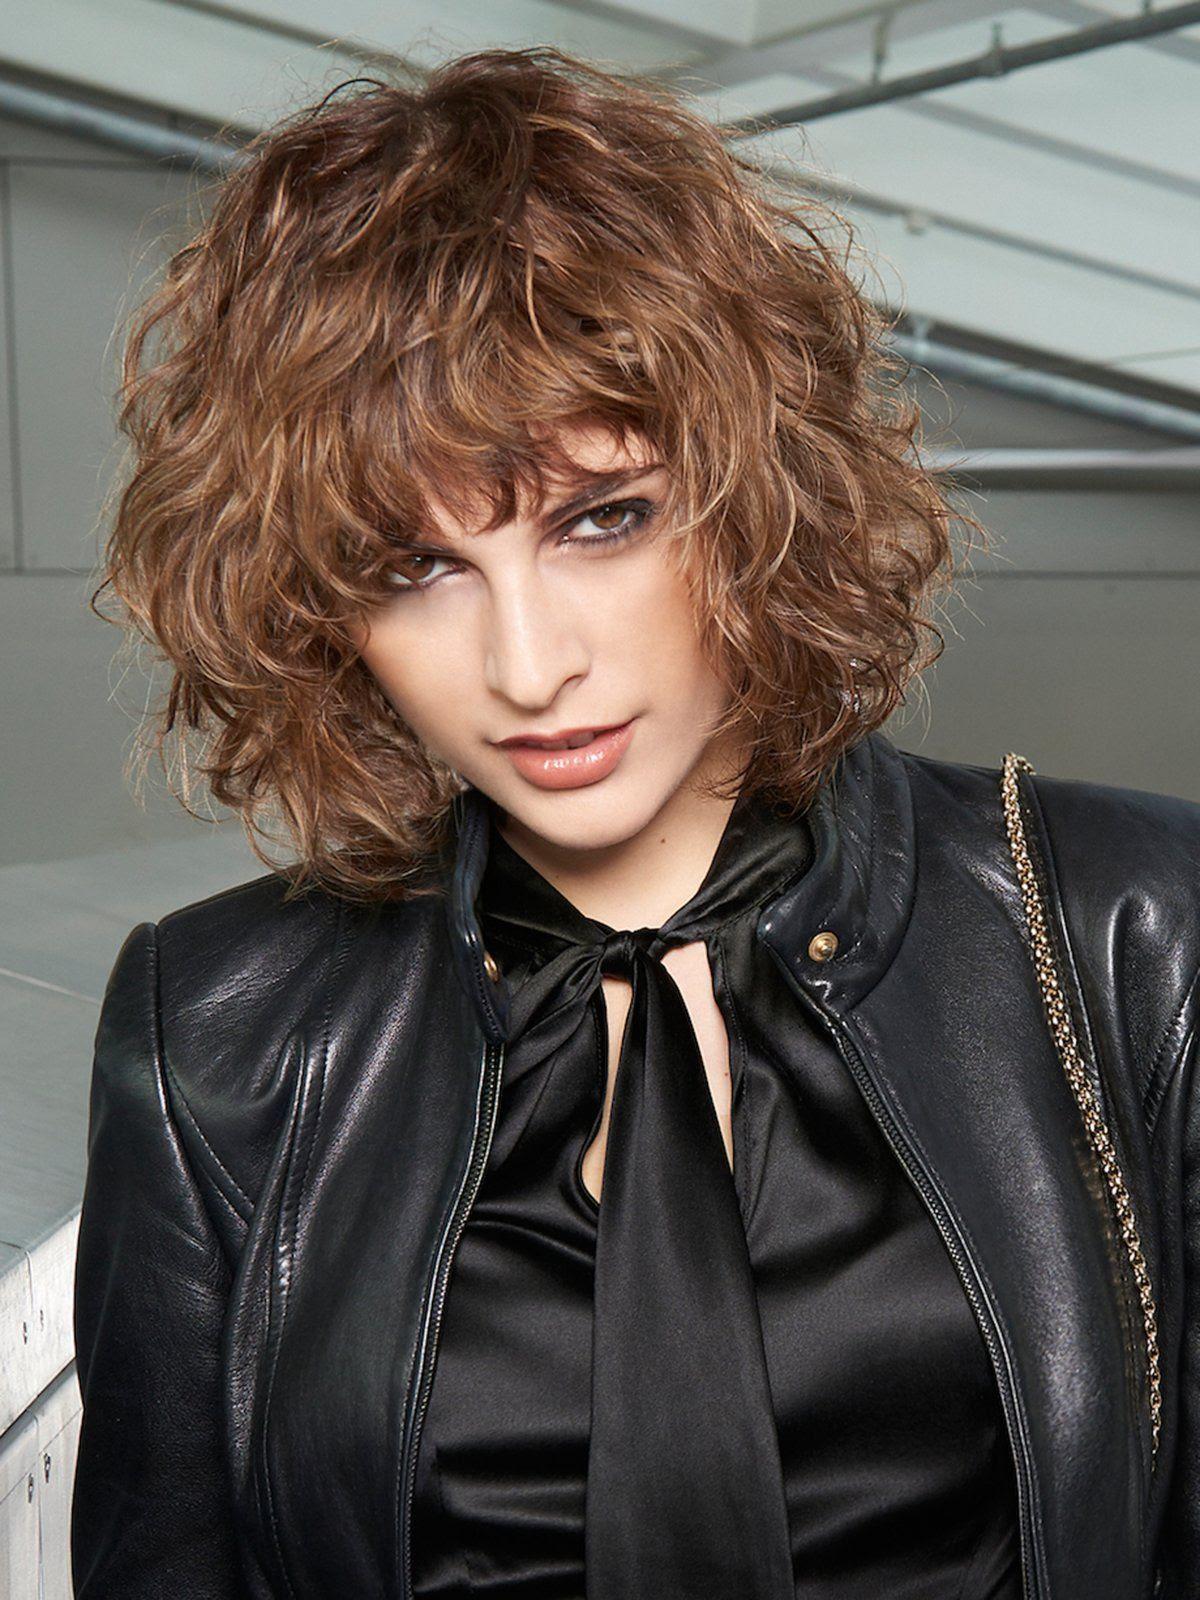 Kurzhaarschnitt Locken Frisuren Graue Haare Angel Blog